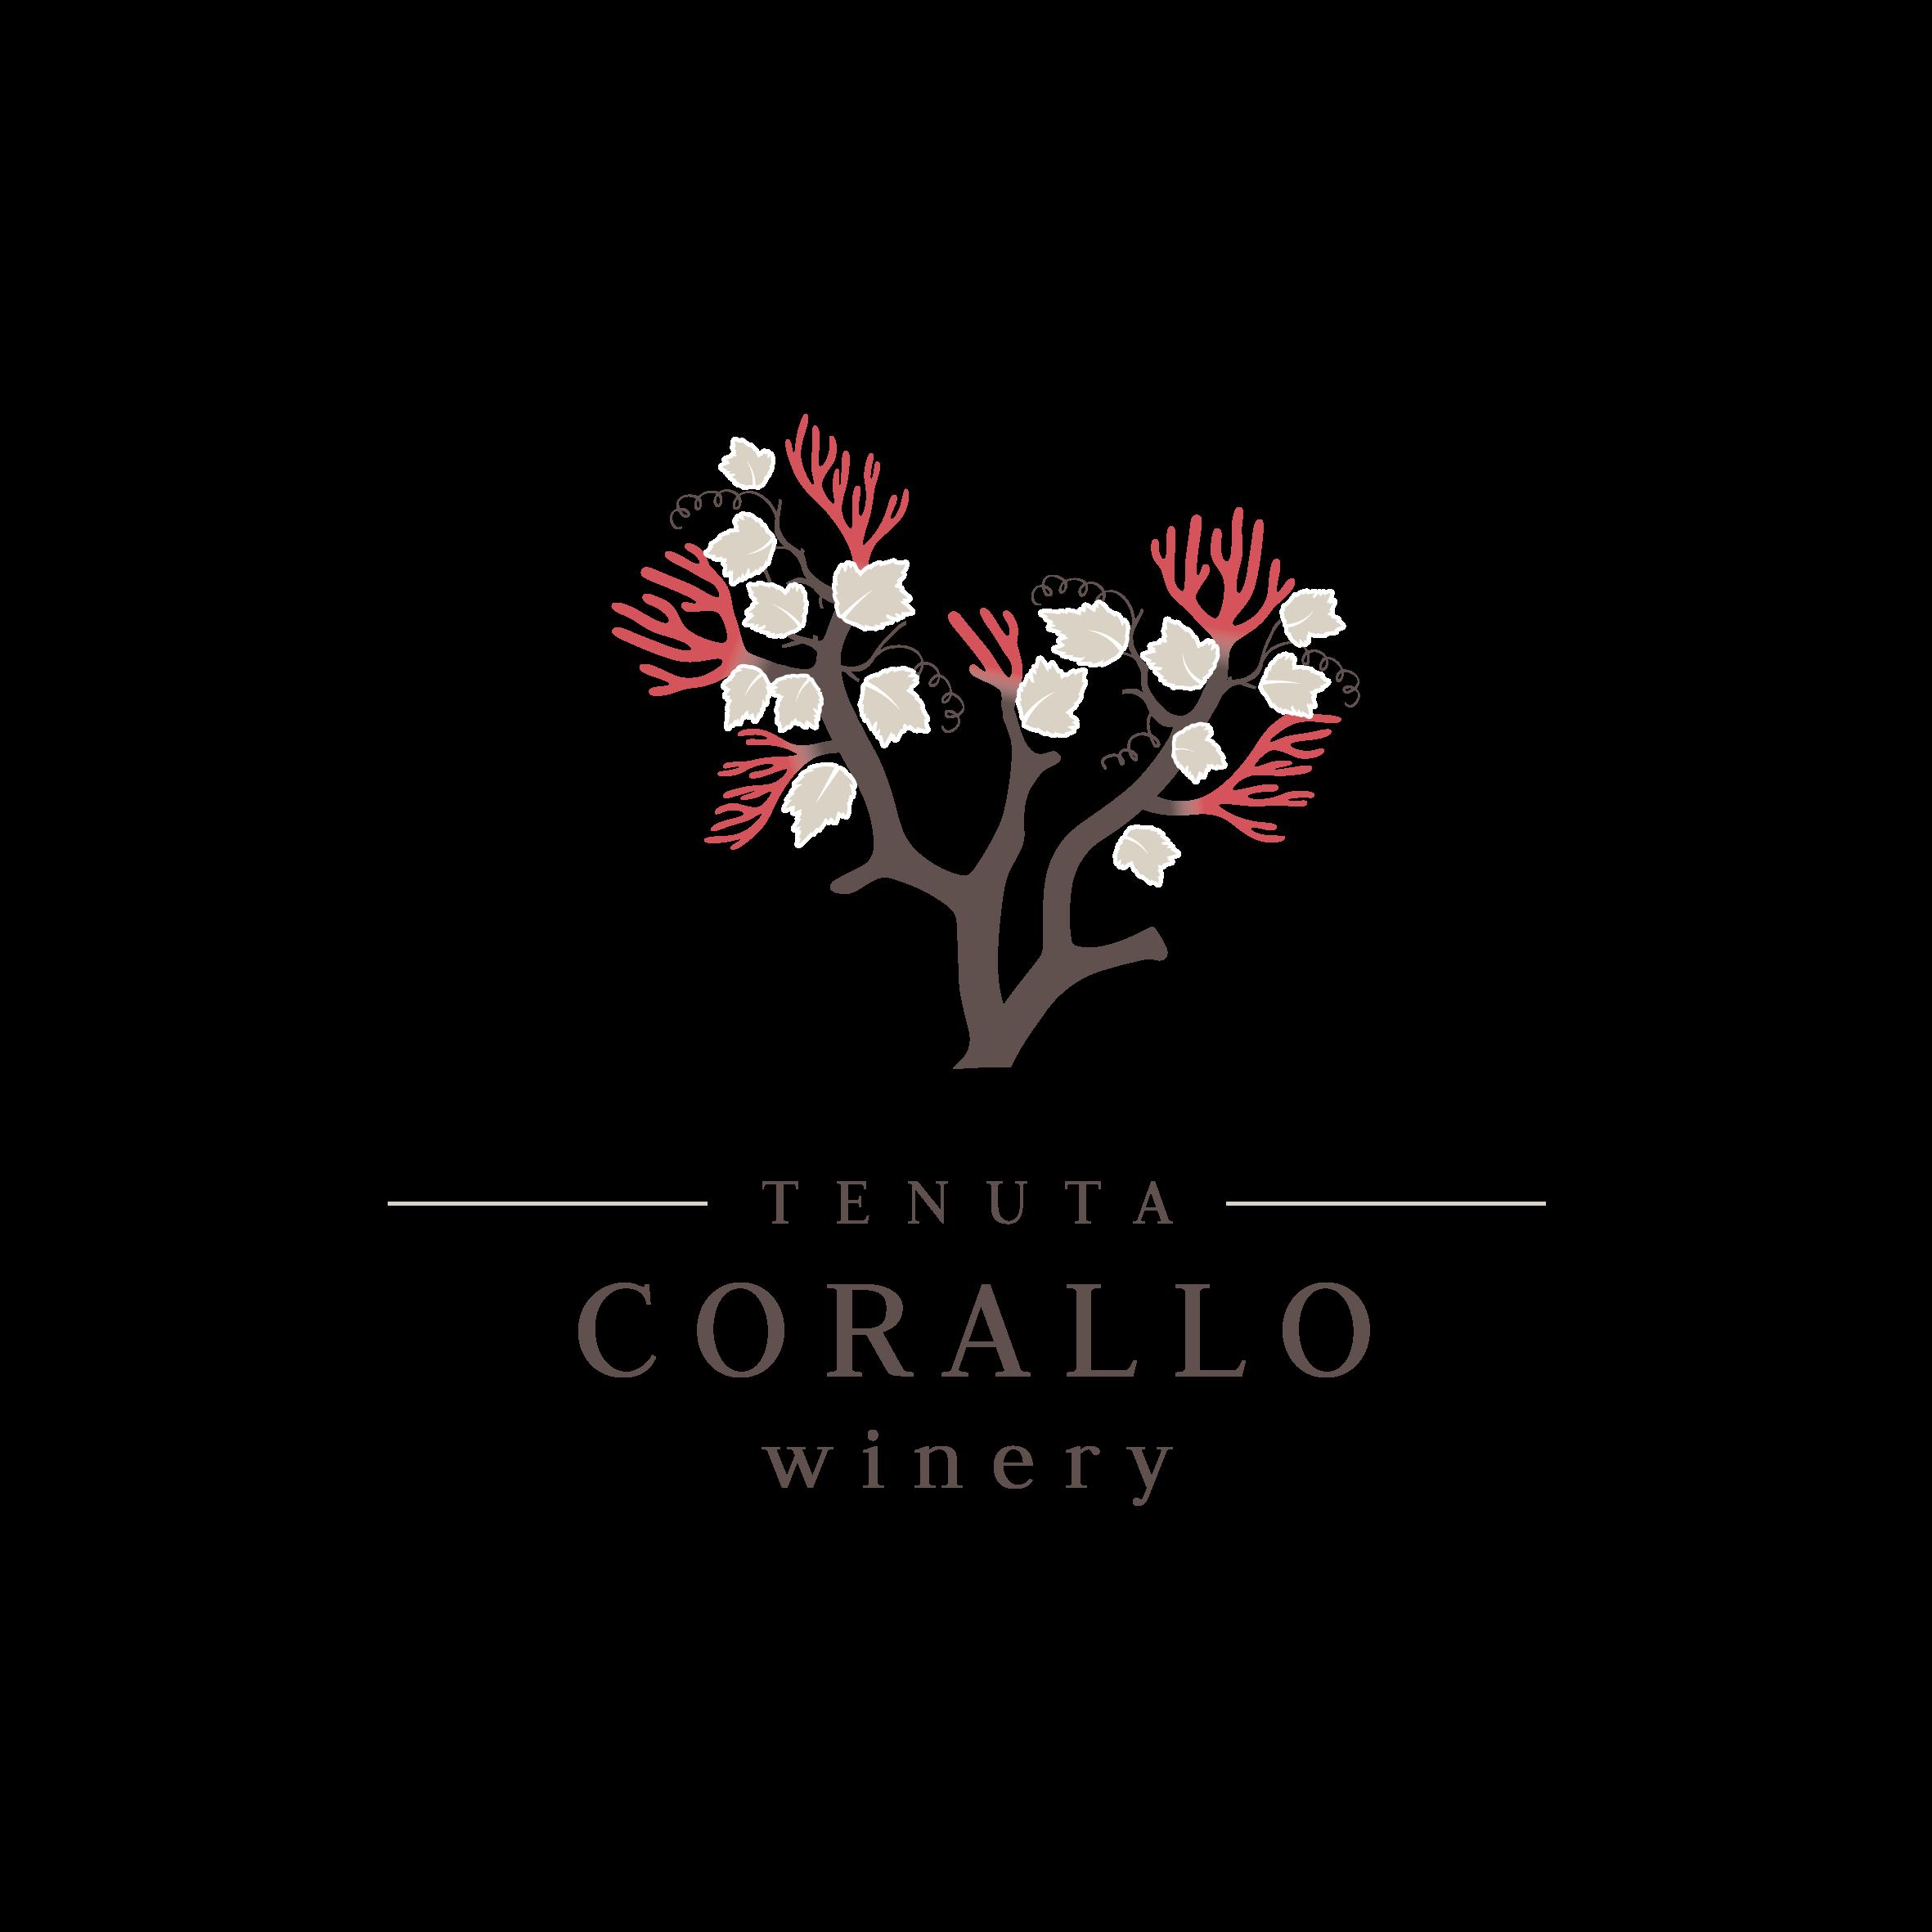 Tenuta Corallo Winery